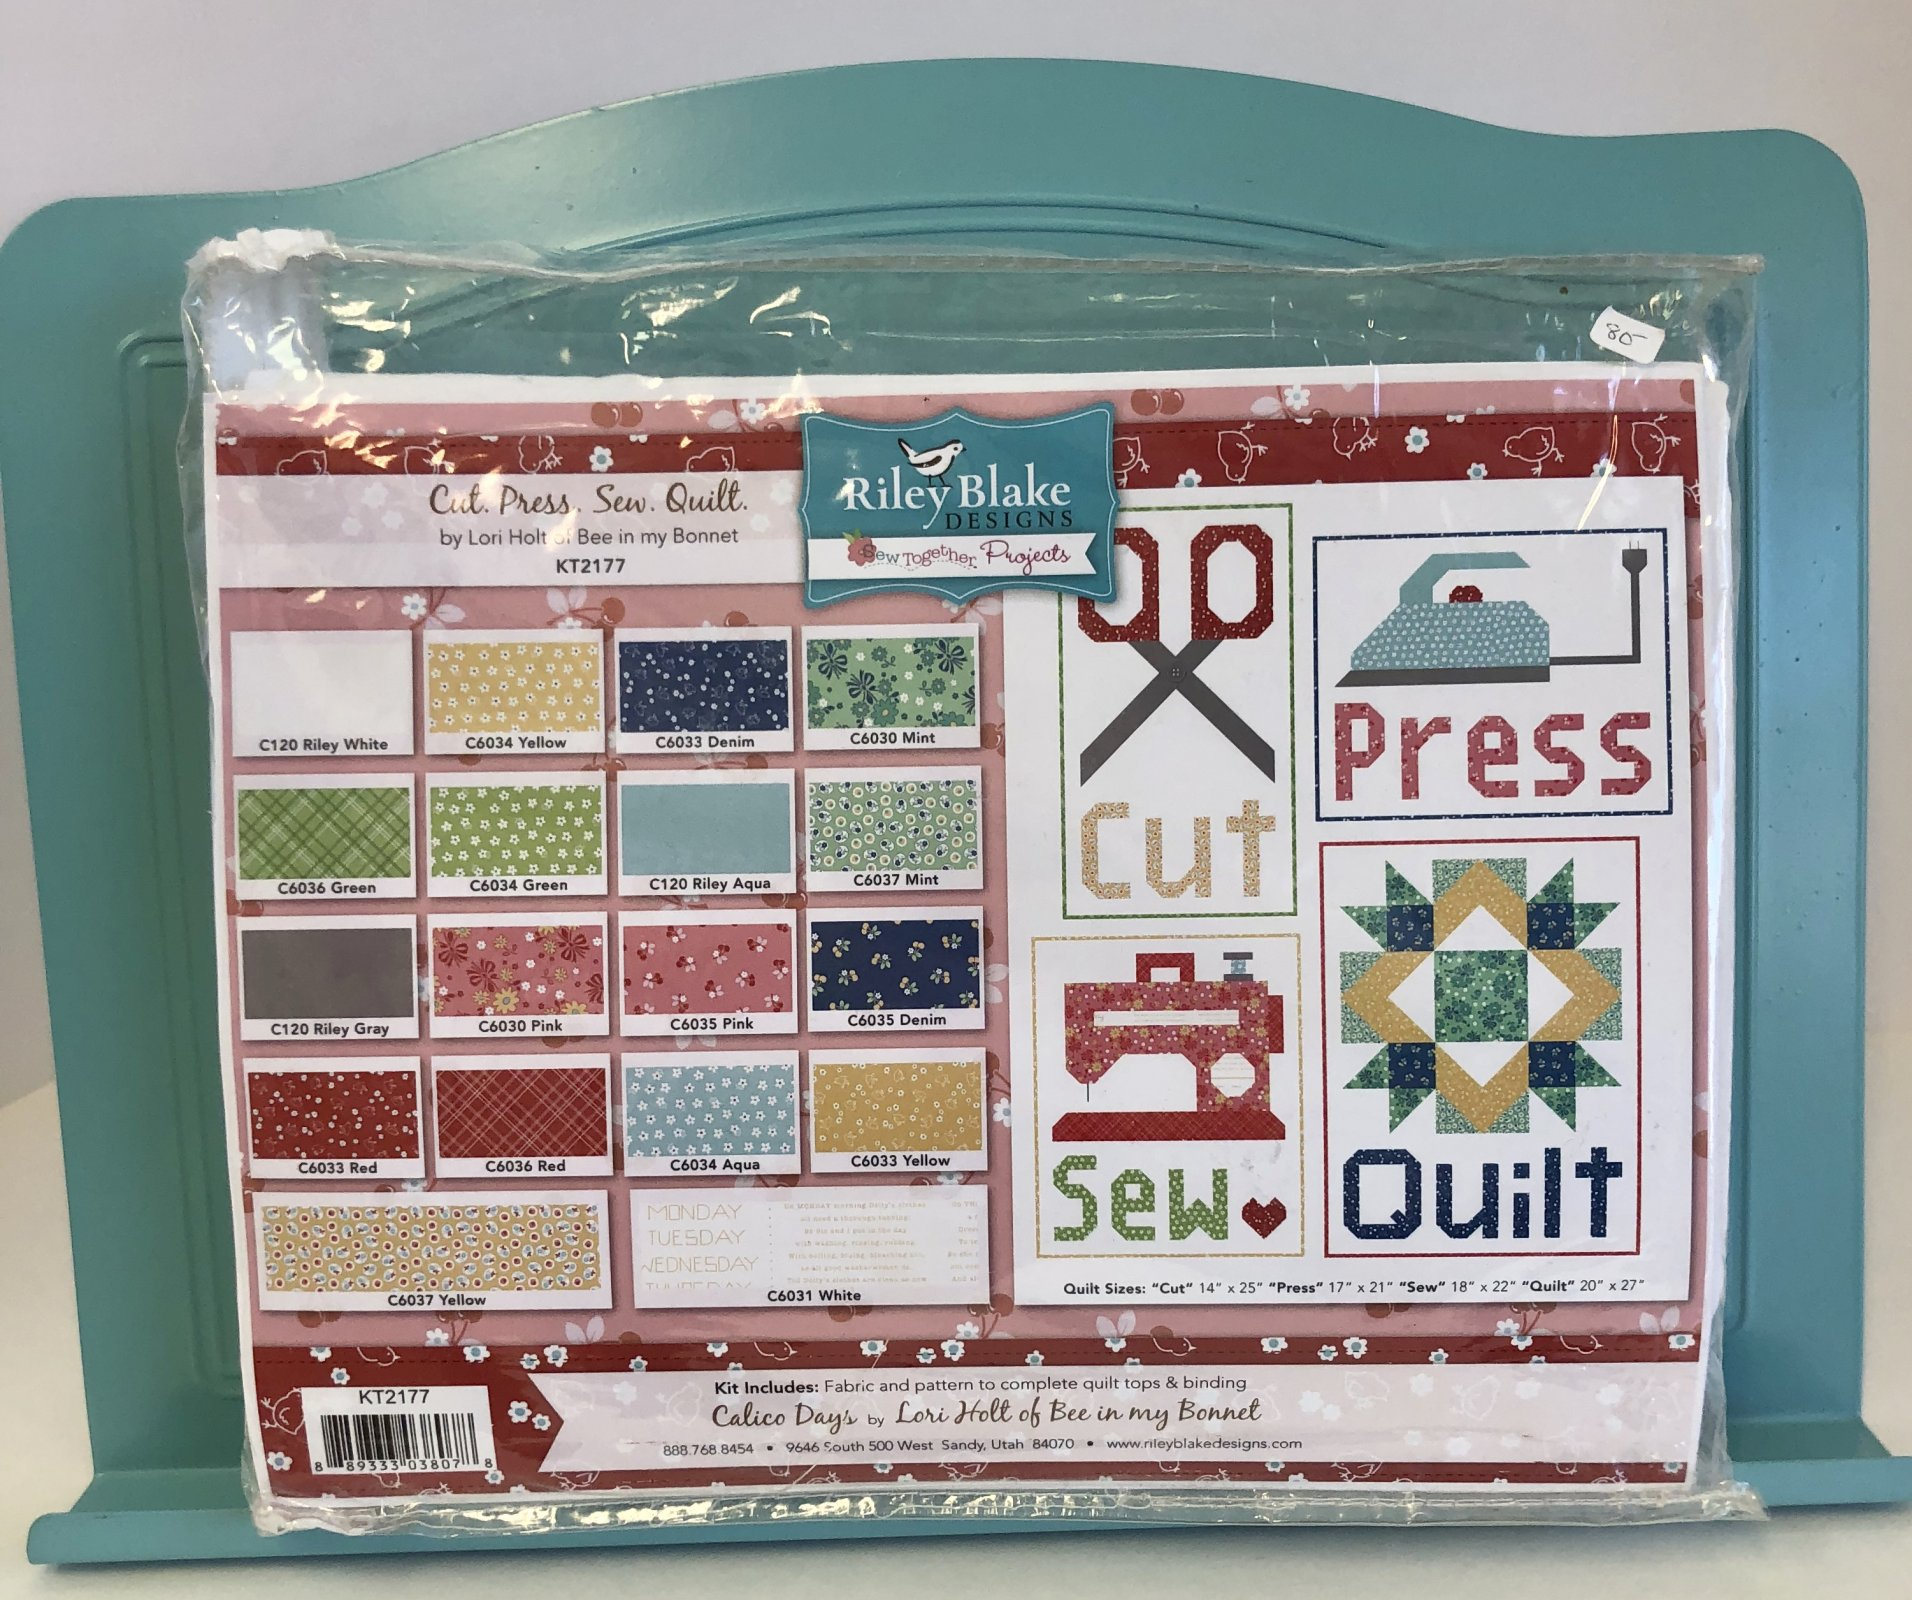 Cut, Press, Sew, Quilt Kit